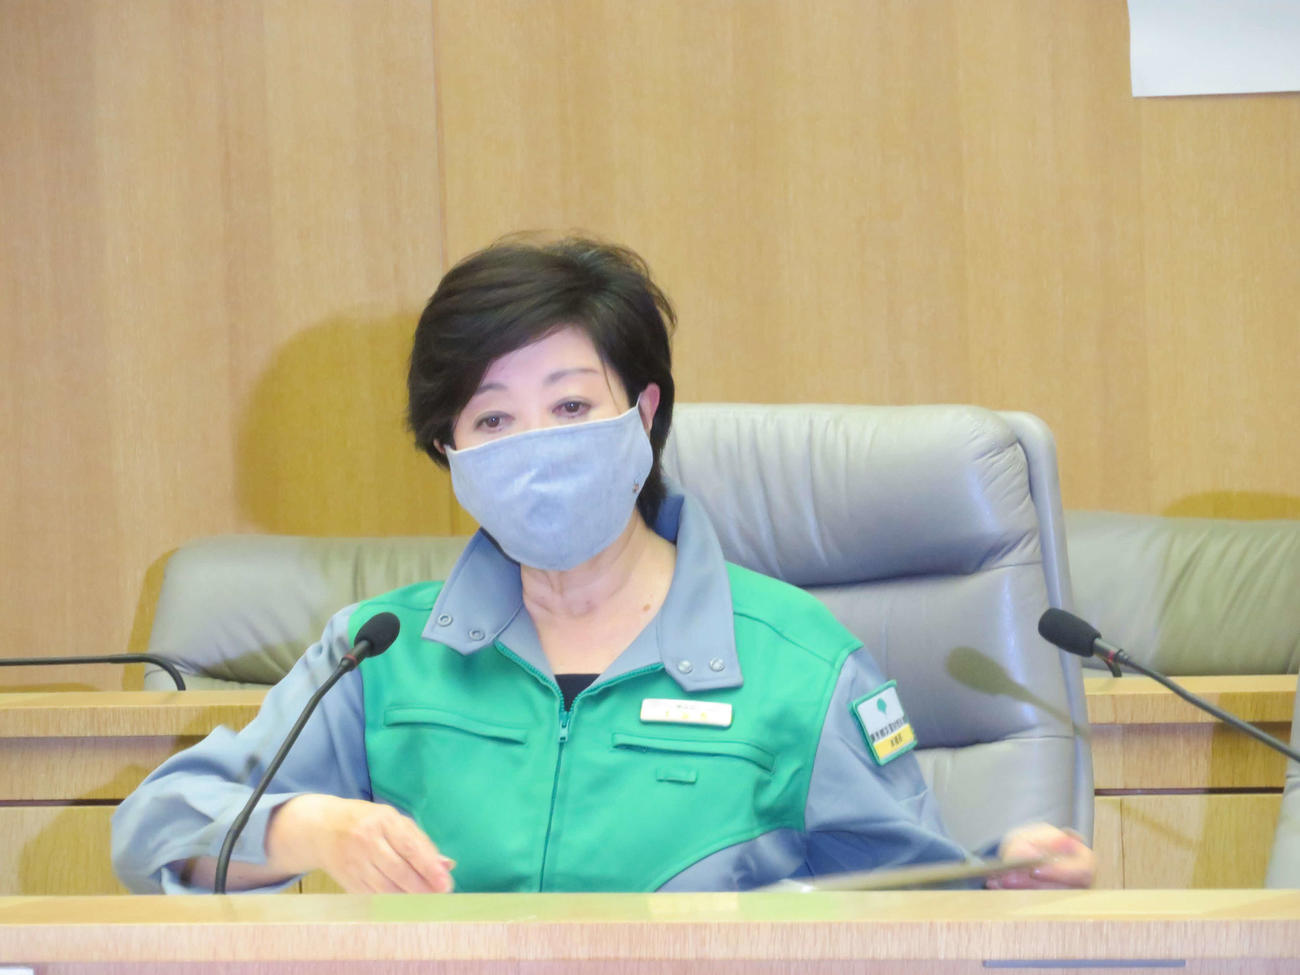 第29回東京都新型コロナウイルス感染症対策本部会議に出席した小池百合子知事(撮影・村上幸将)